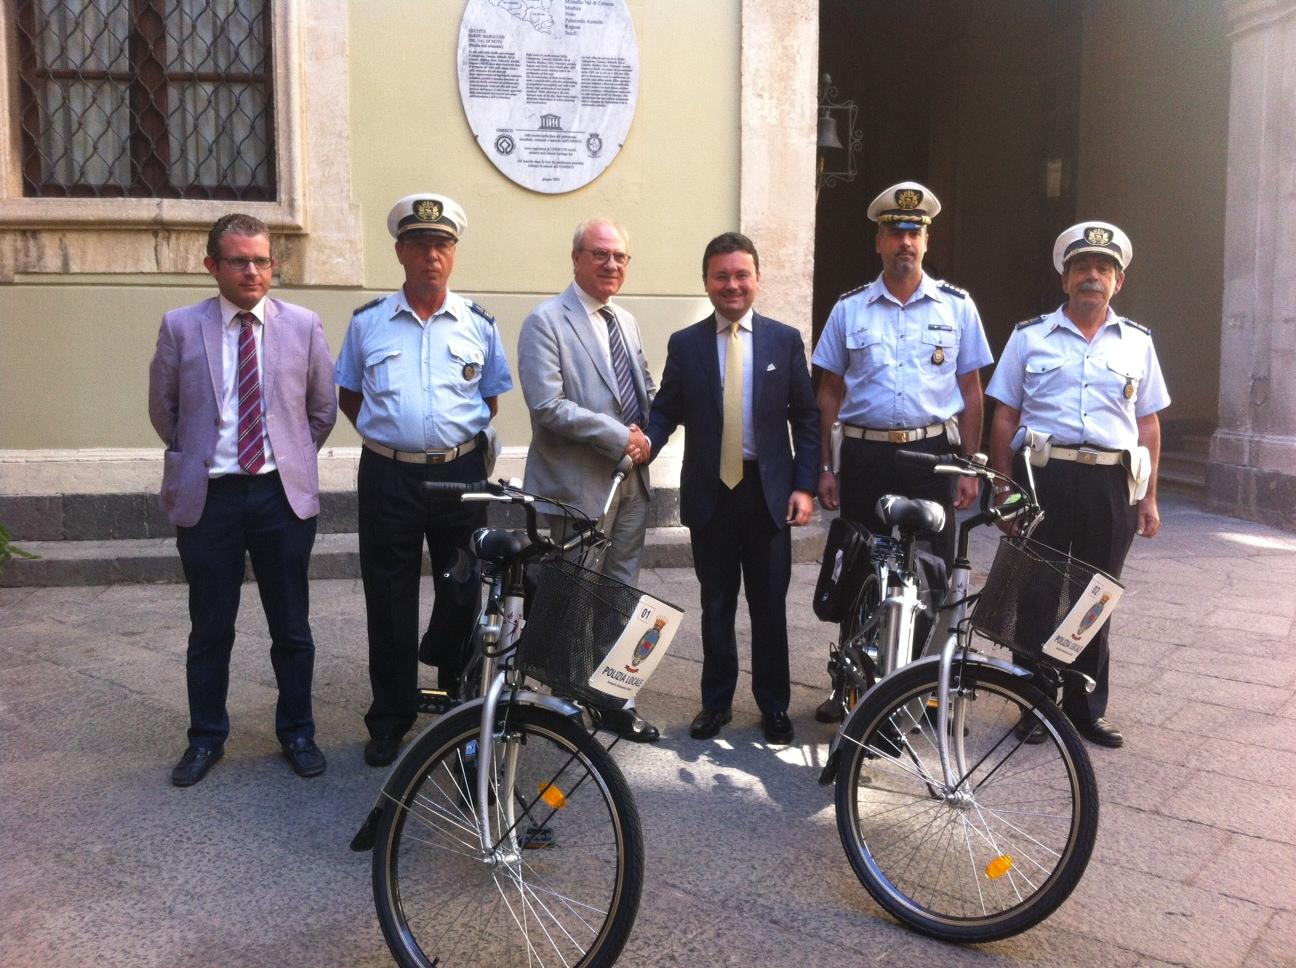 Sac dona a Vigili urbani due biciclette con pedalata assistita